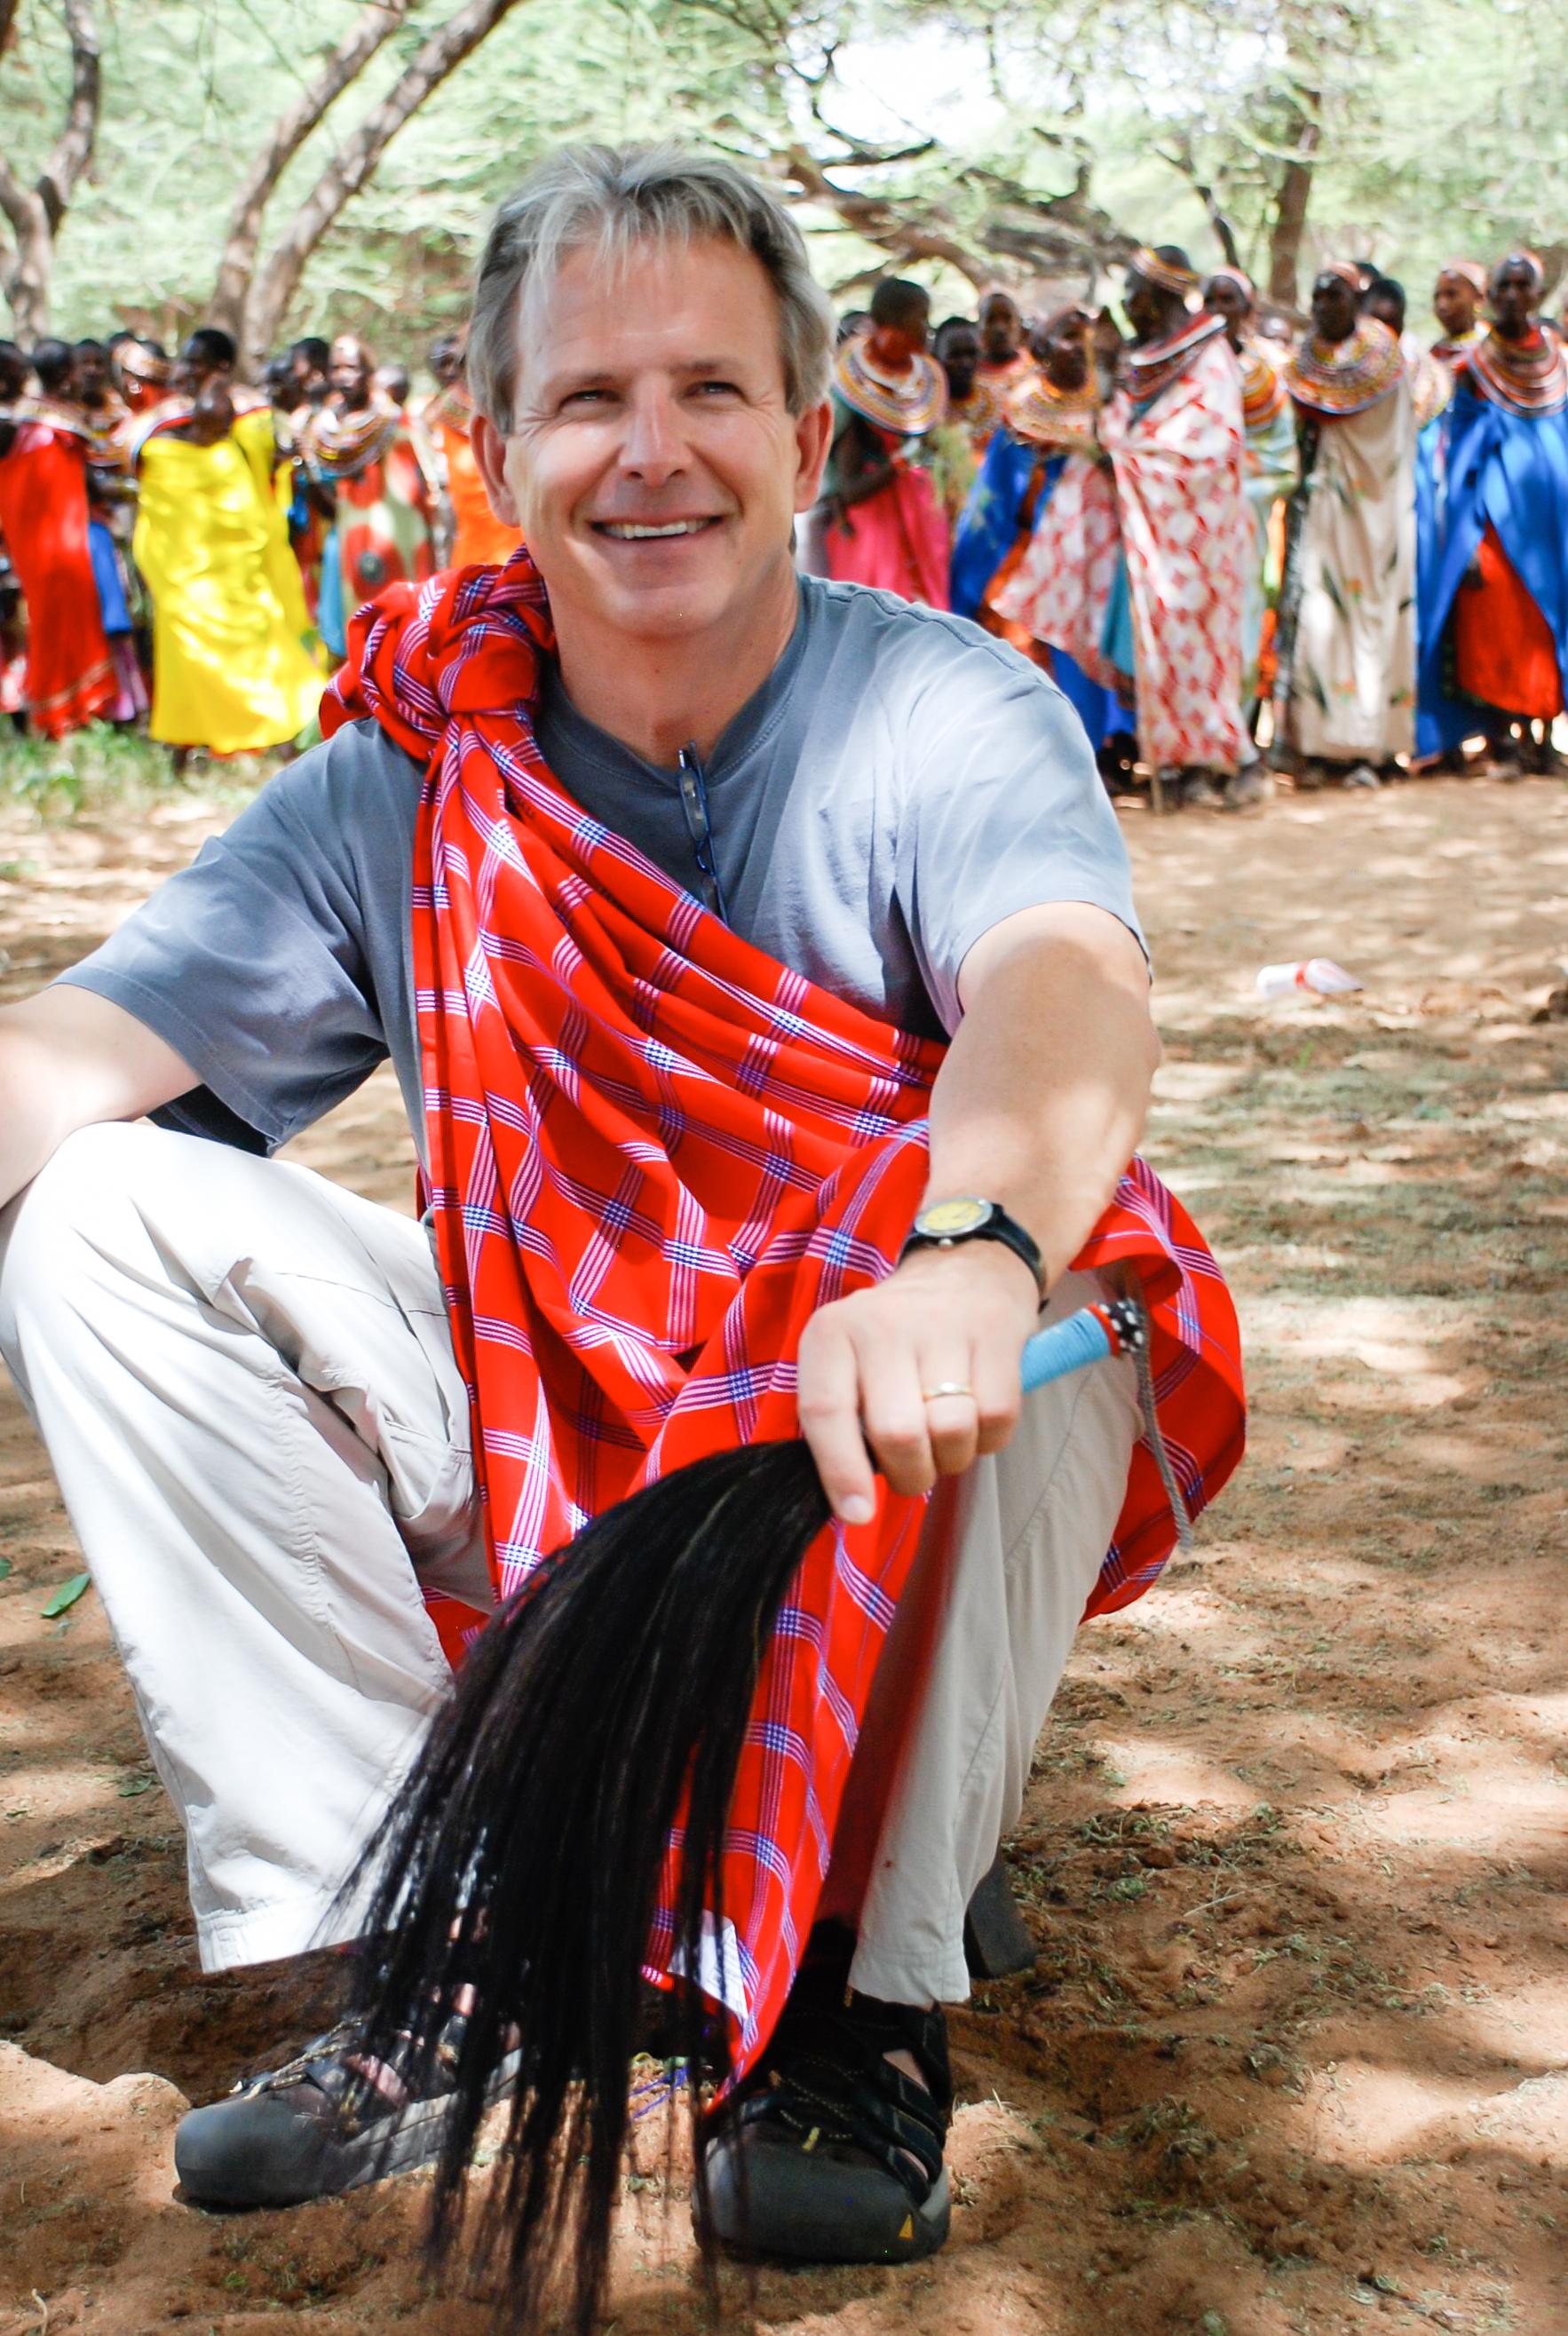 Bob Falkenberg, The Samburu Project Board Member